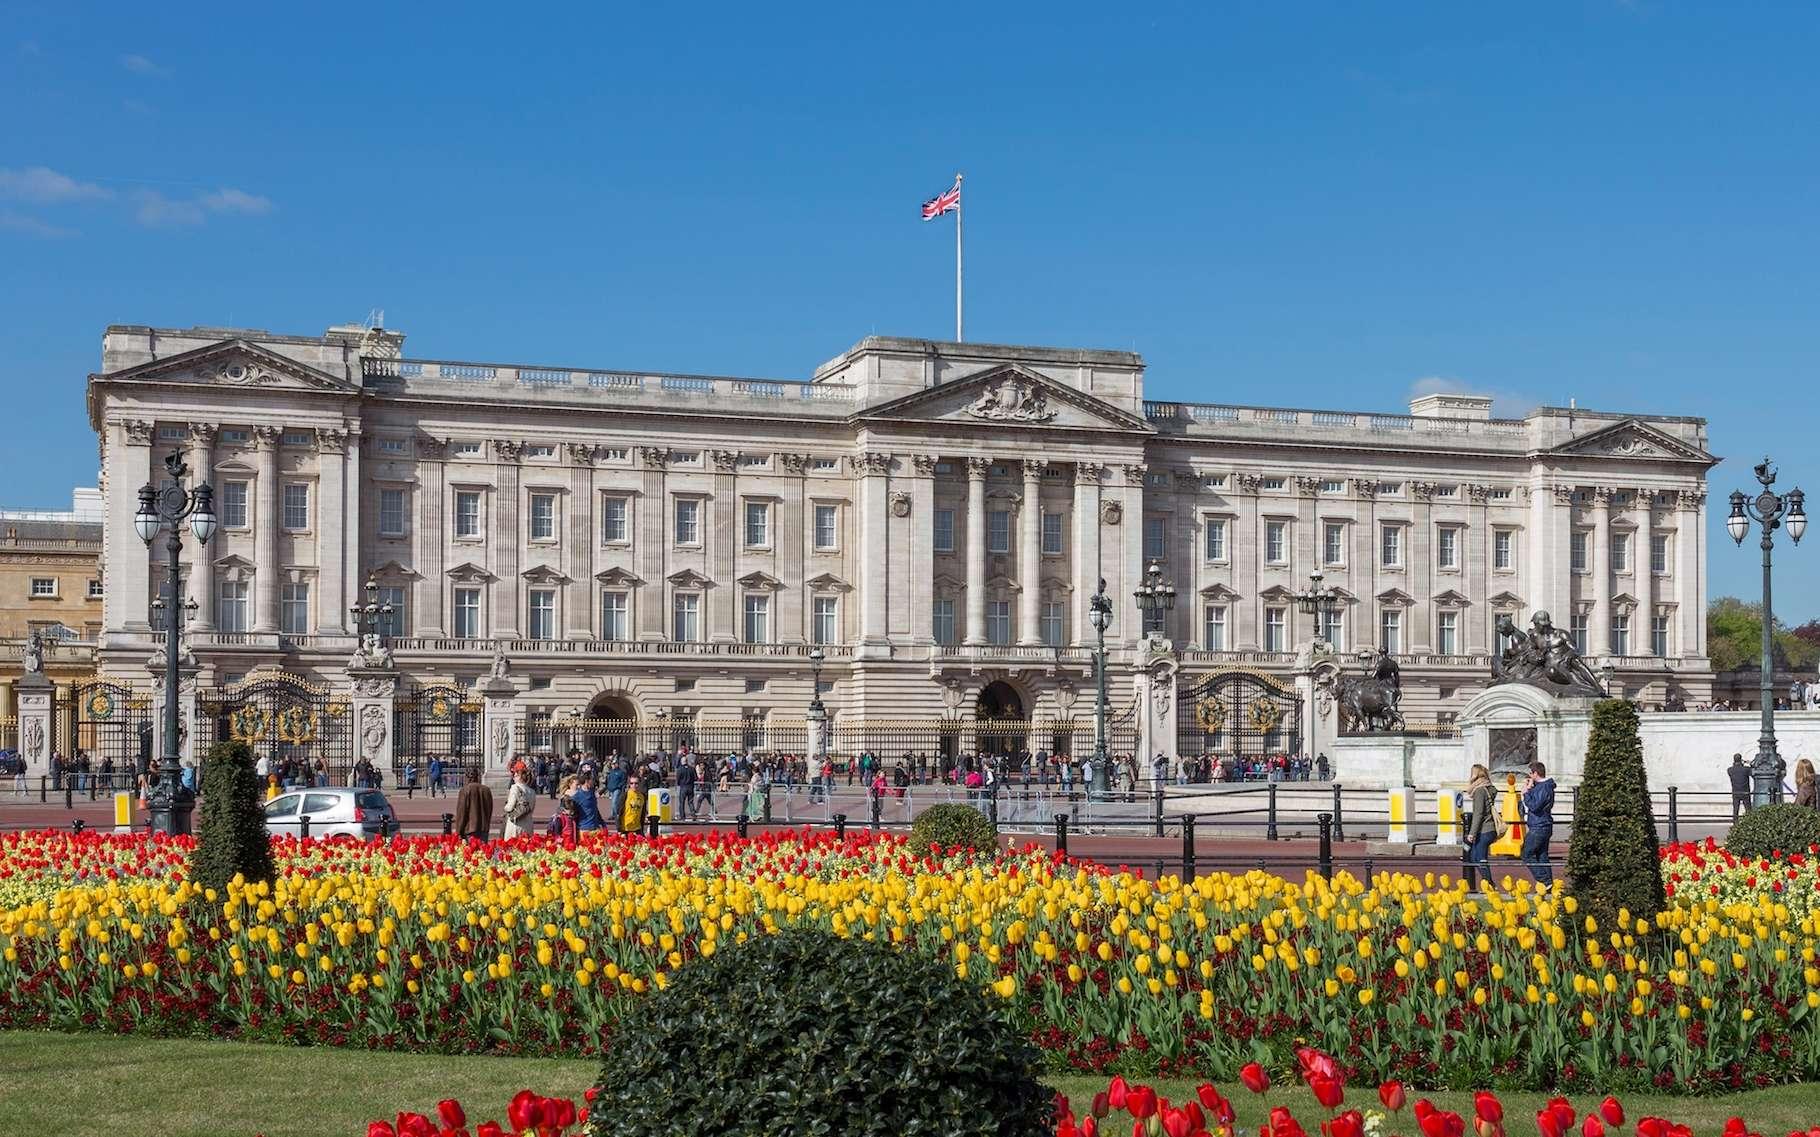 Vue de la façade est de l'immense palais de Buckingham. © Diliff, Wikimedia Commons